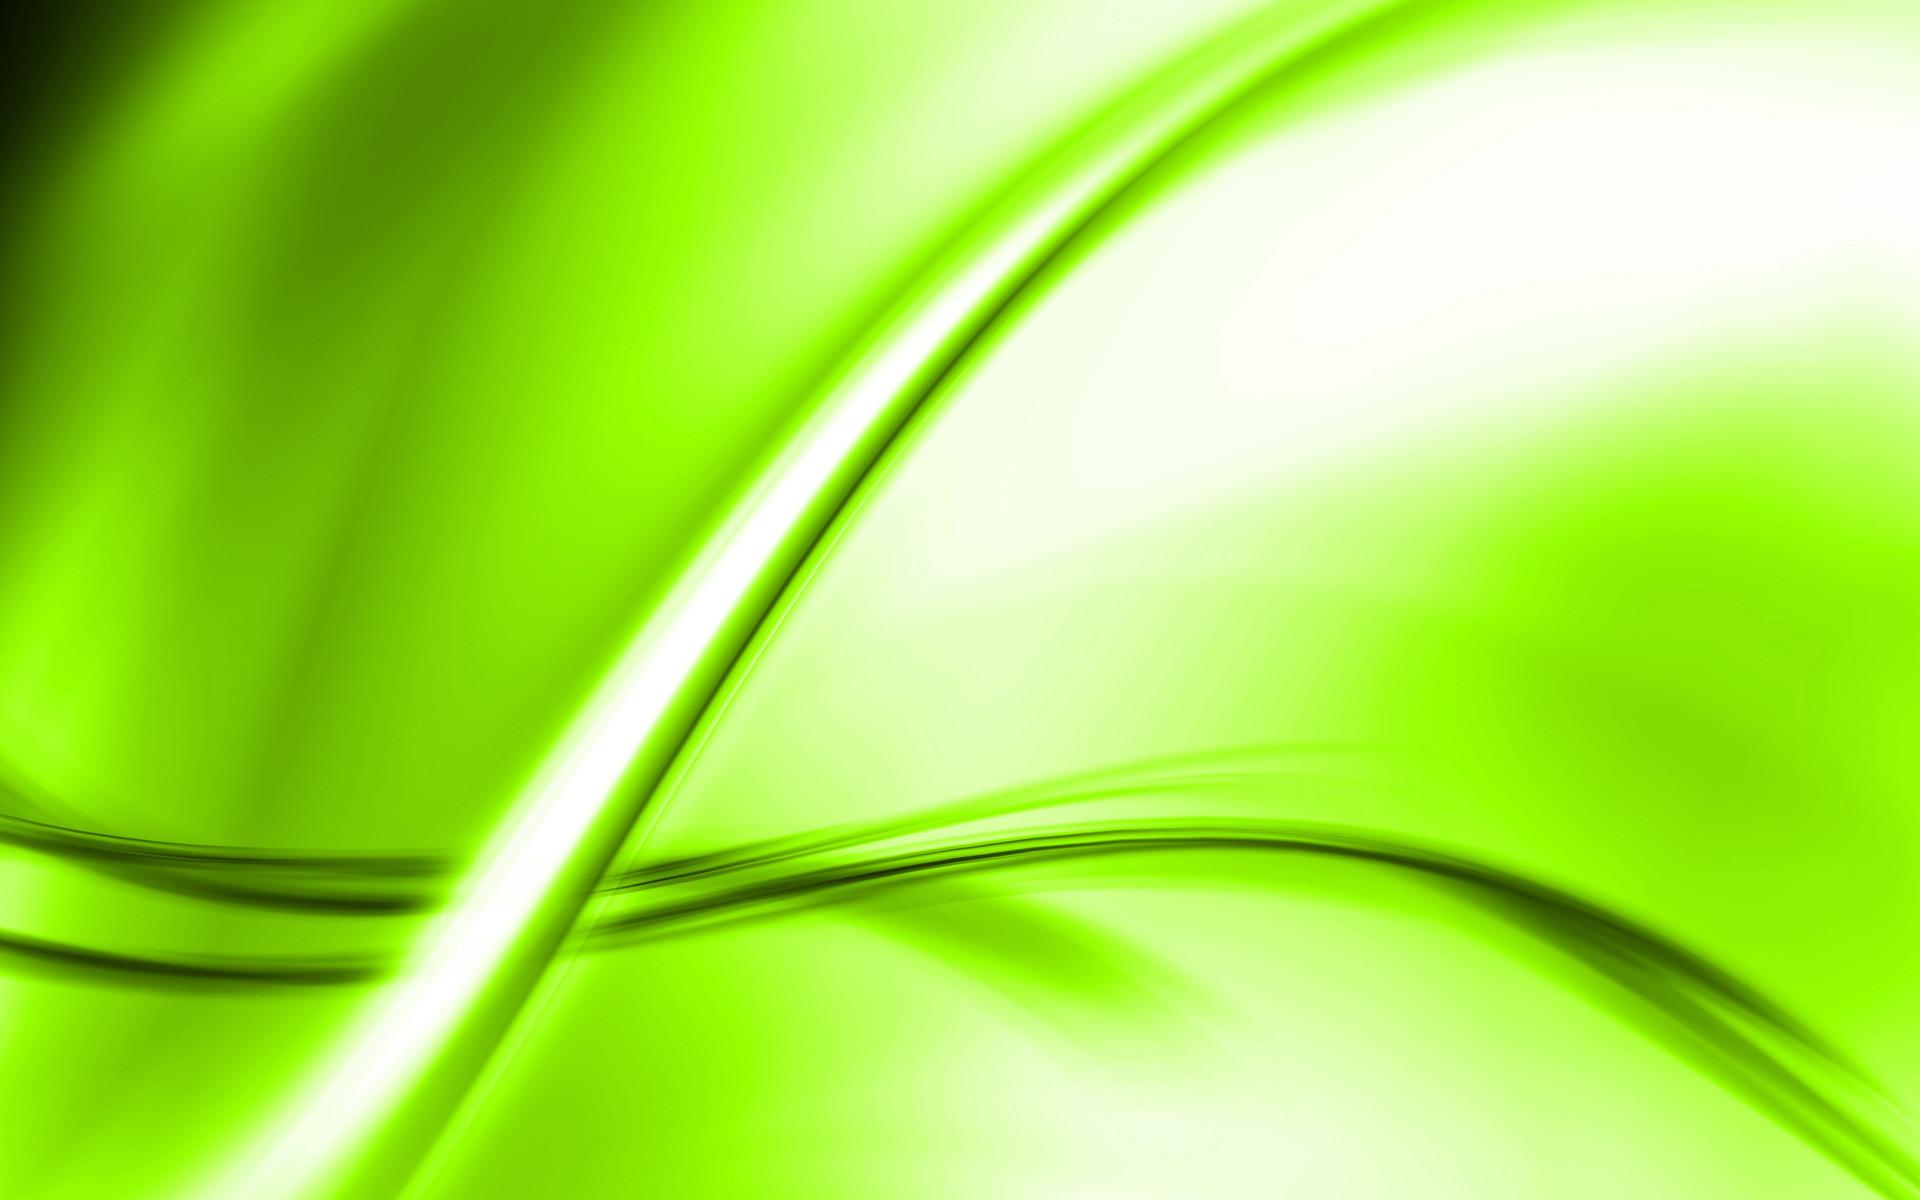 light green abstract wallpaper 24338